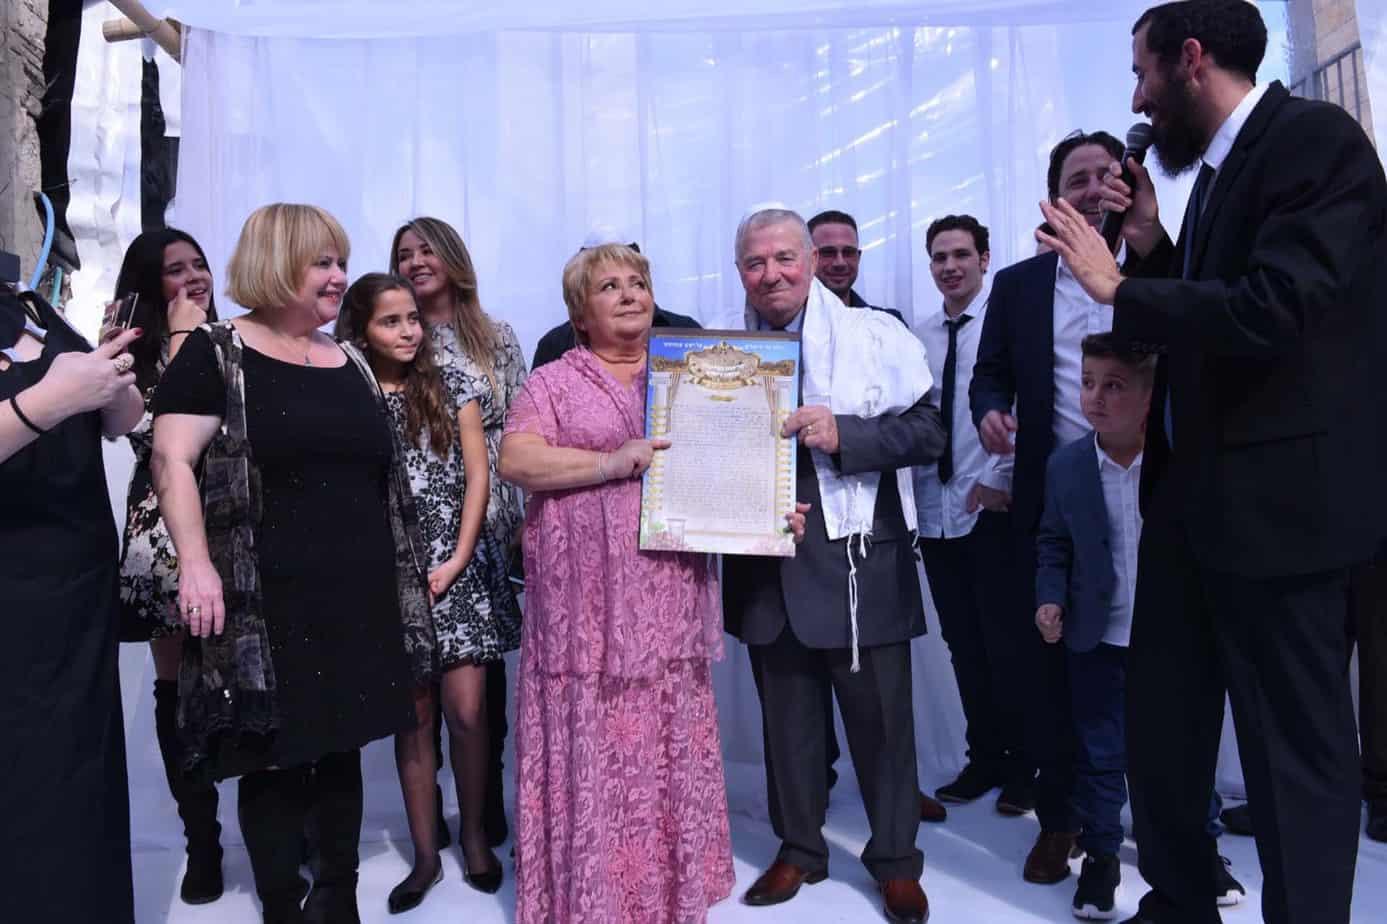 בתיה פוזניאקוב מתחתנת. צילום: יח״צ